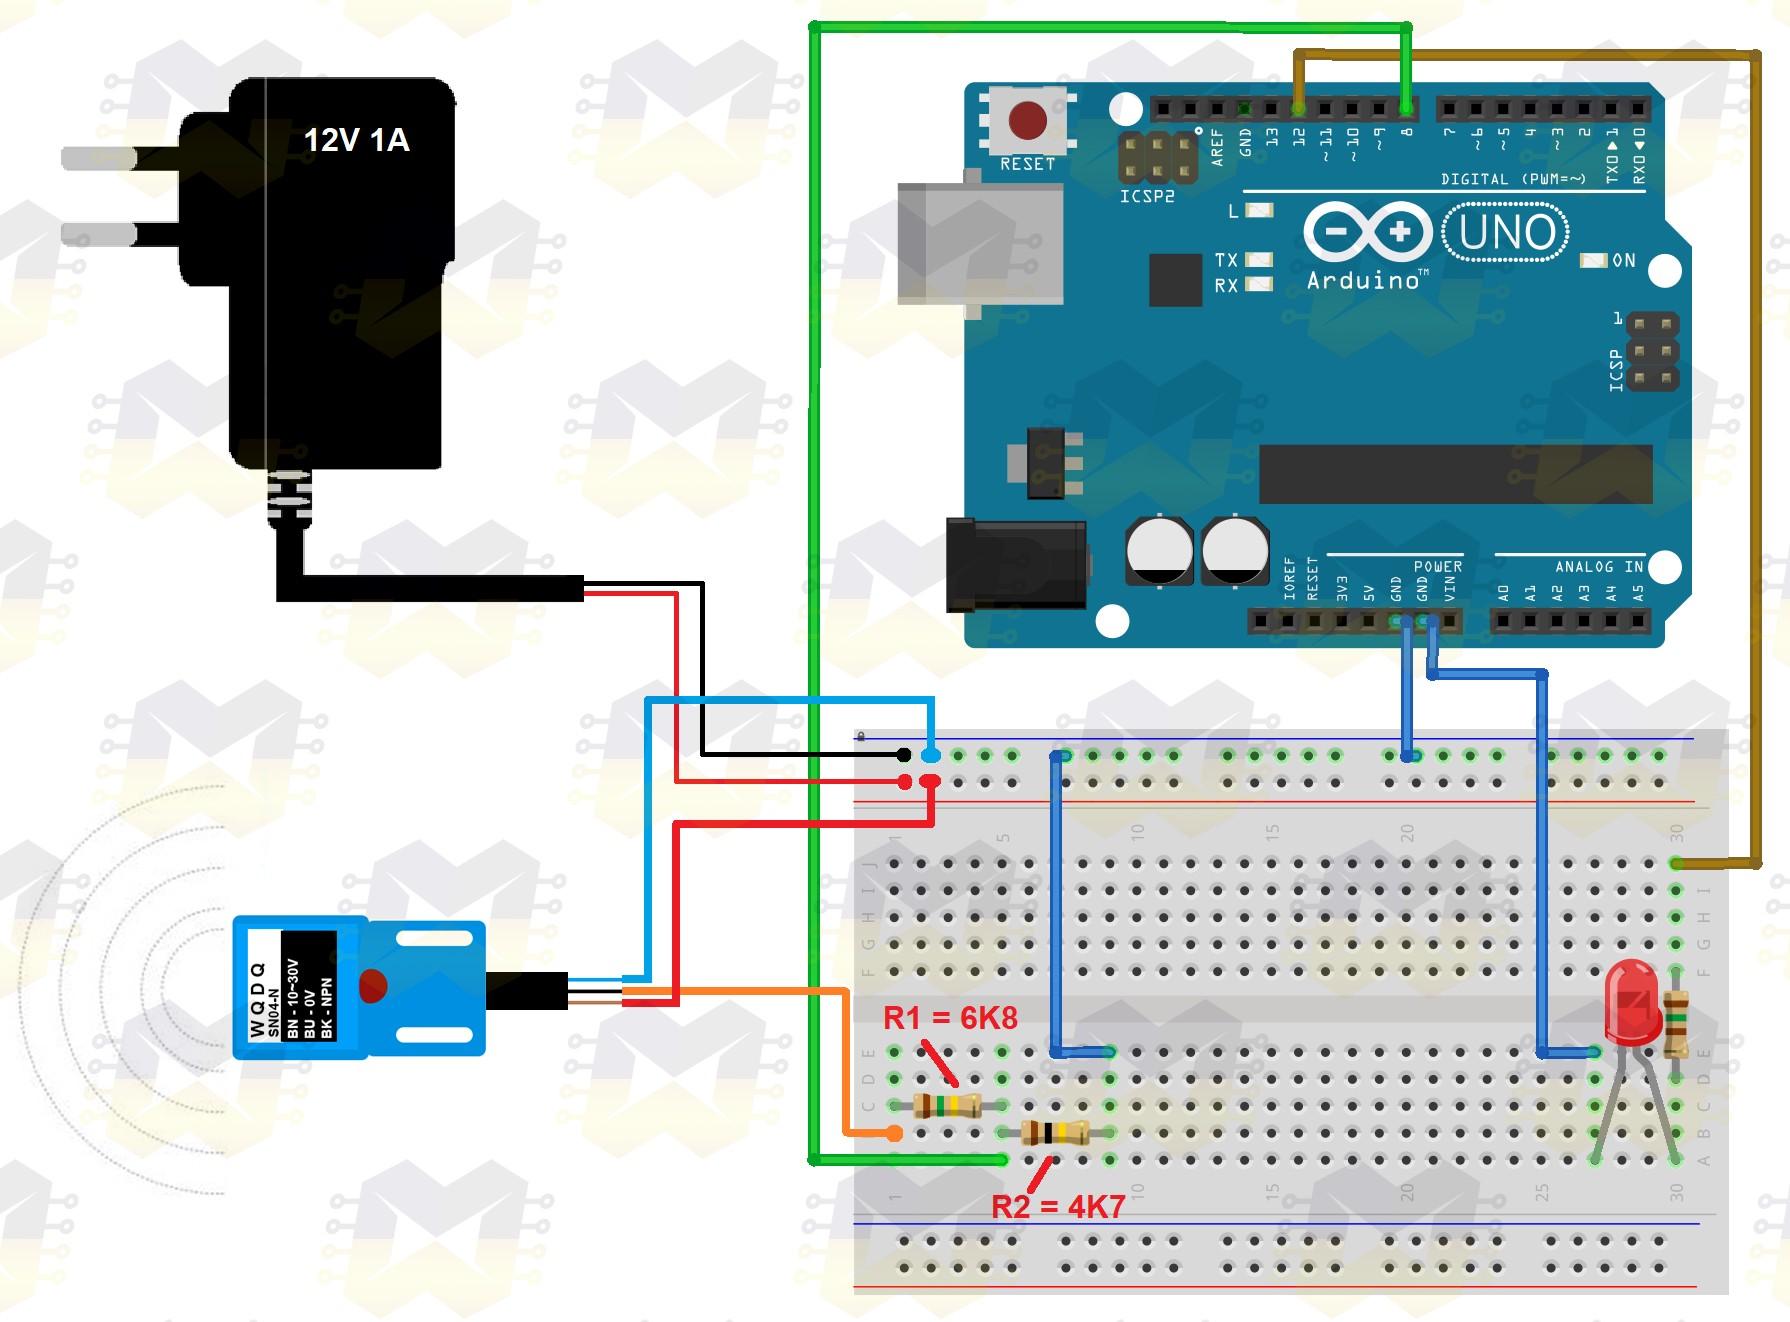 img01_como_usar_com_arduino_sensor_indutivo_npn_de_proximidade_sn04-n_uno_mega_detector_metal